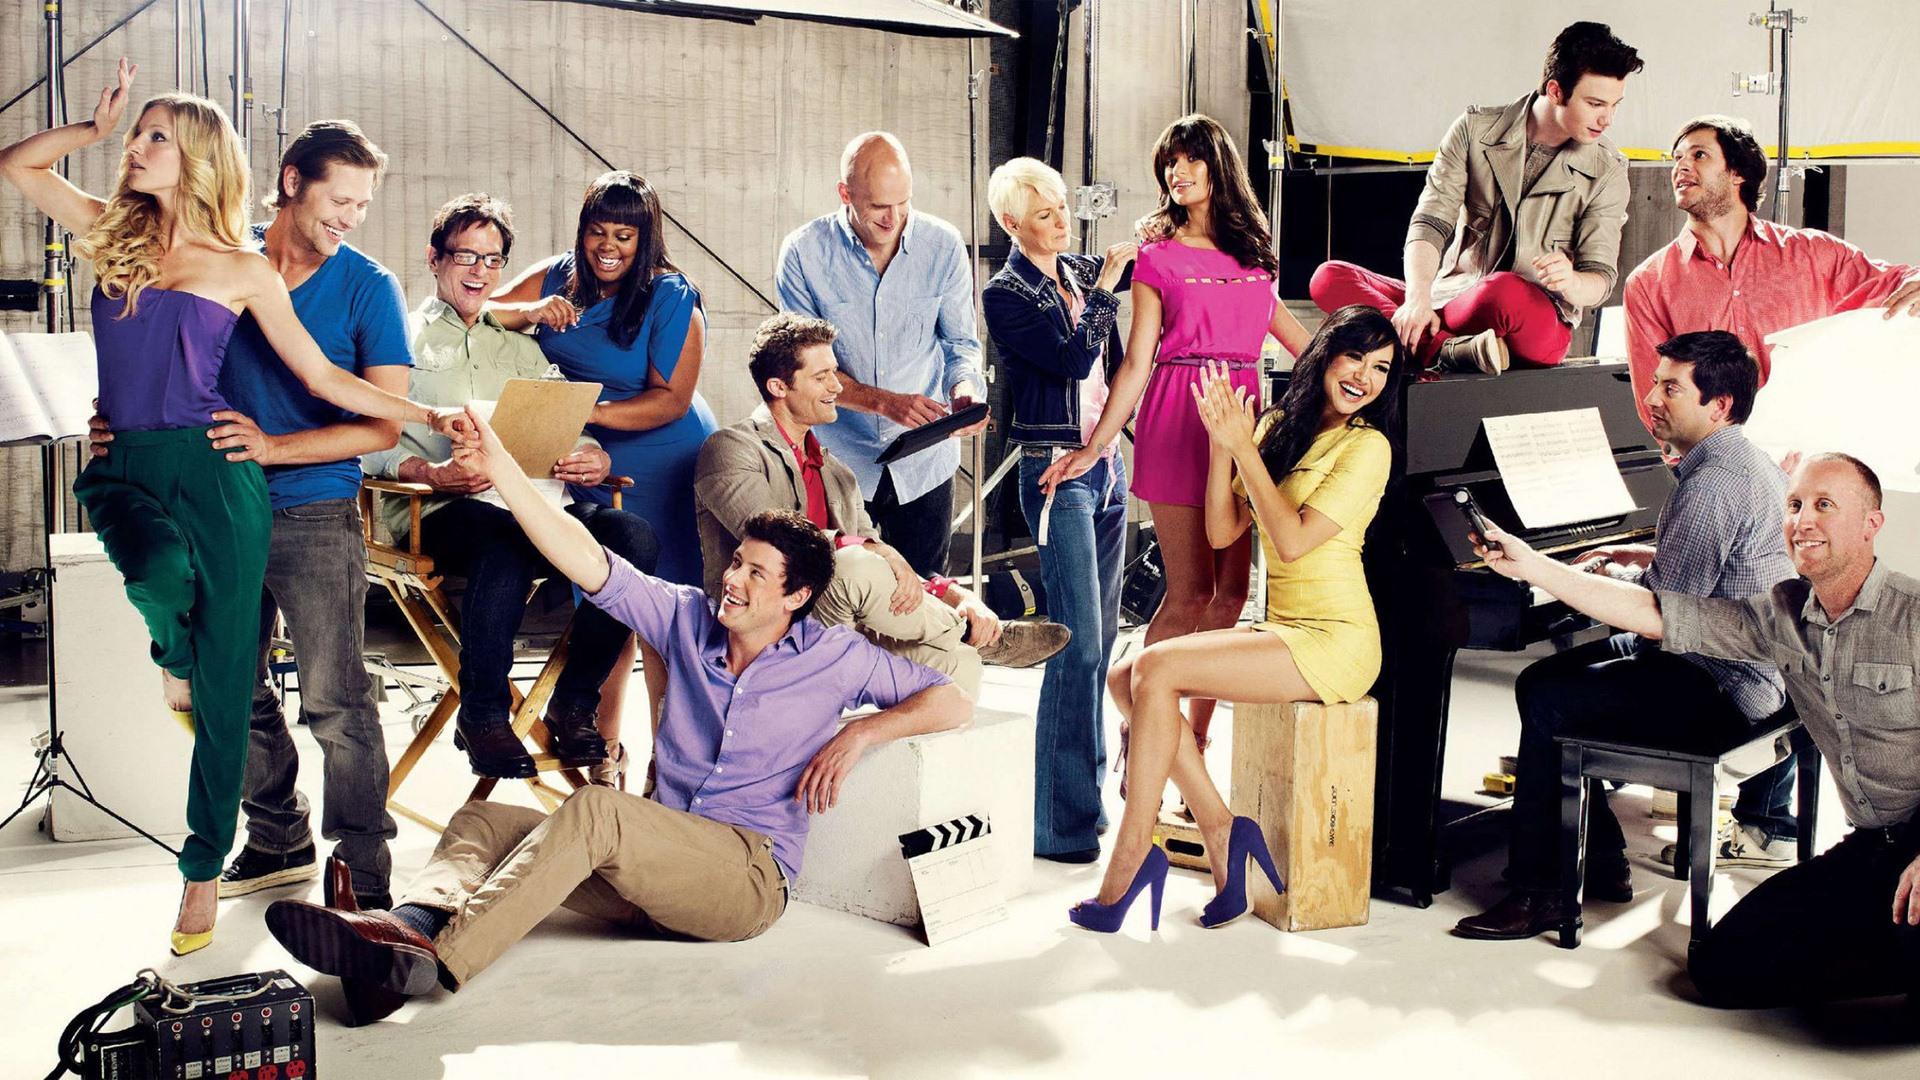 Glee s ries tv hd fonds d 39 cran 9 1920x1080 fond d for Fond ecran serie